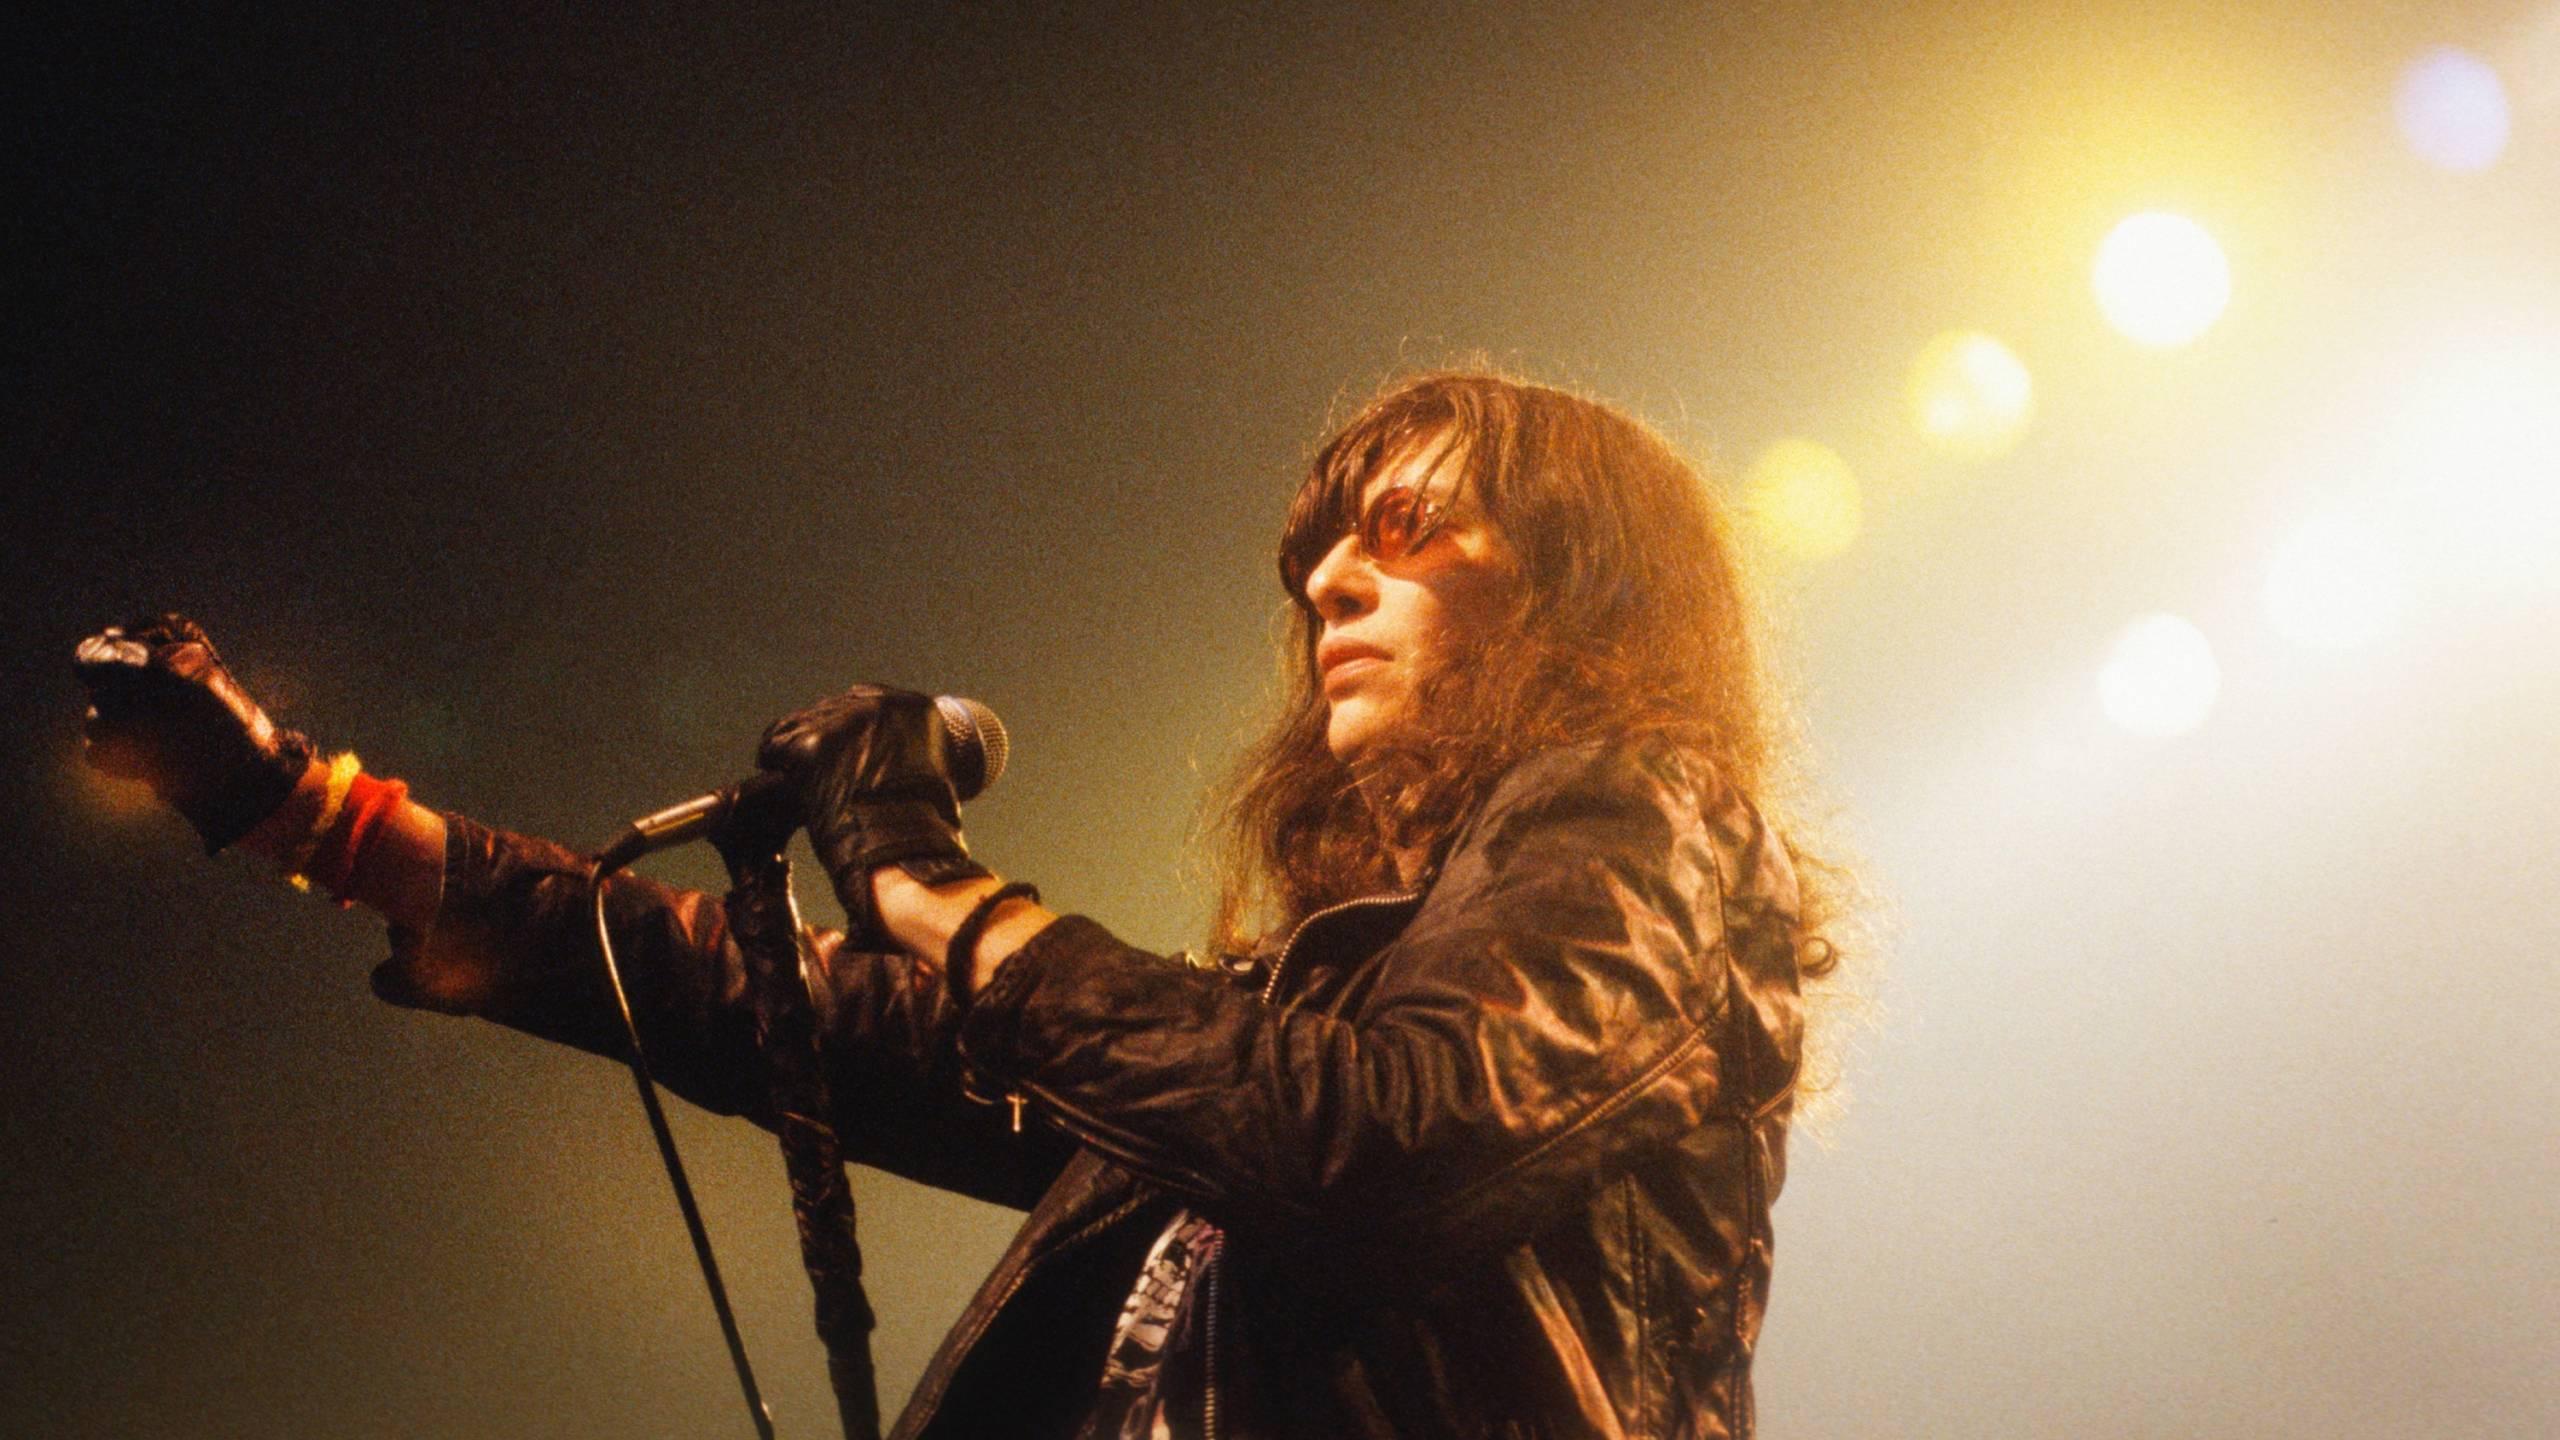 Ramones-Netflix-Biopic-I-Slept-With-Joey-Ramone-in-Planung